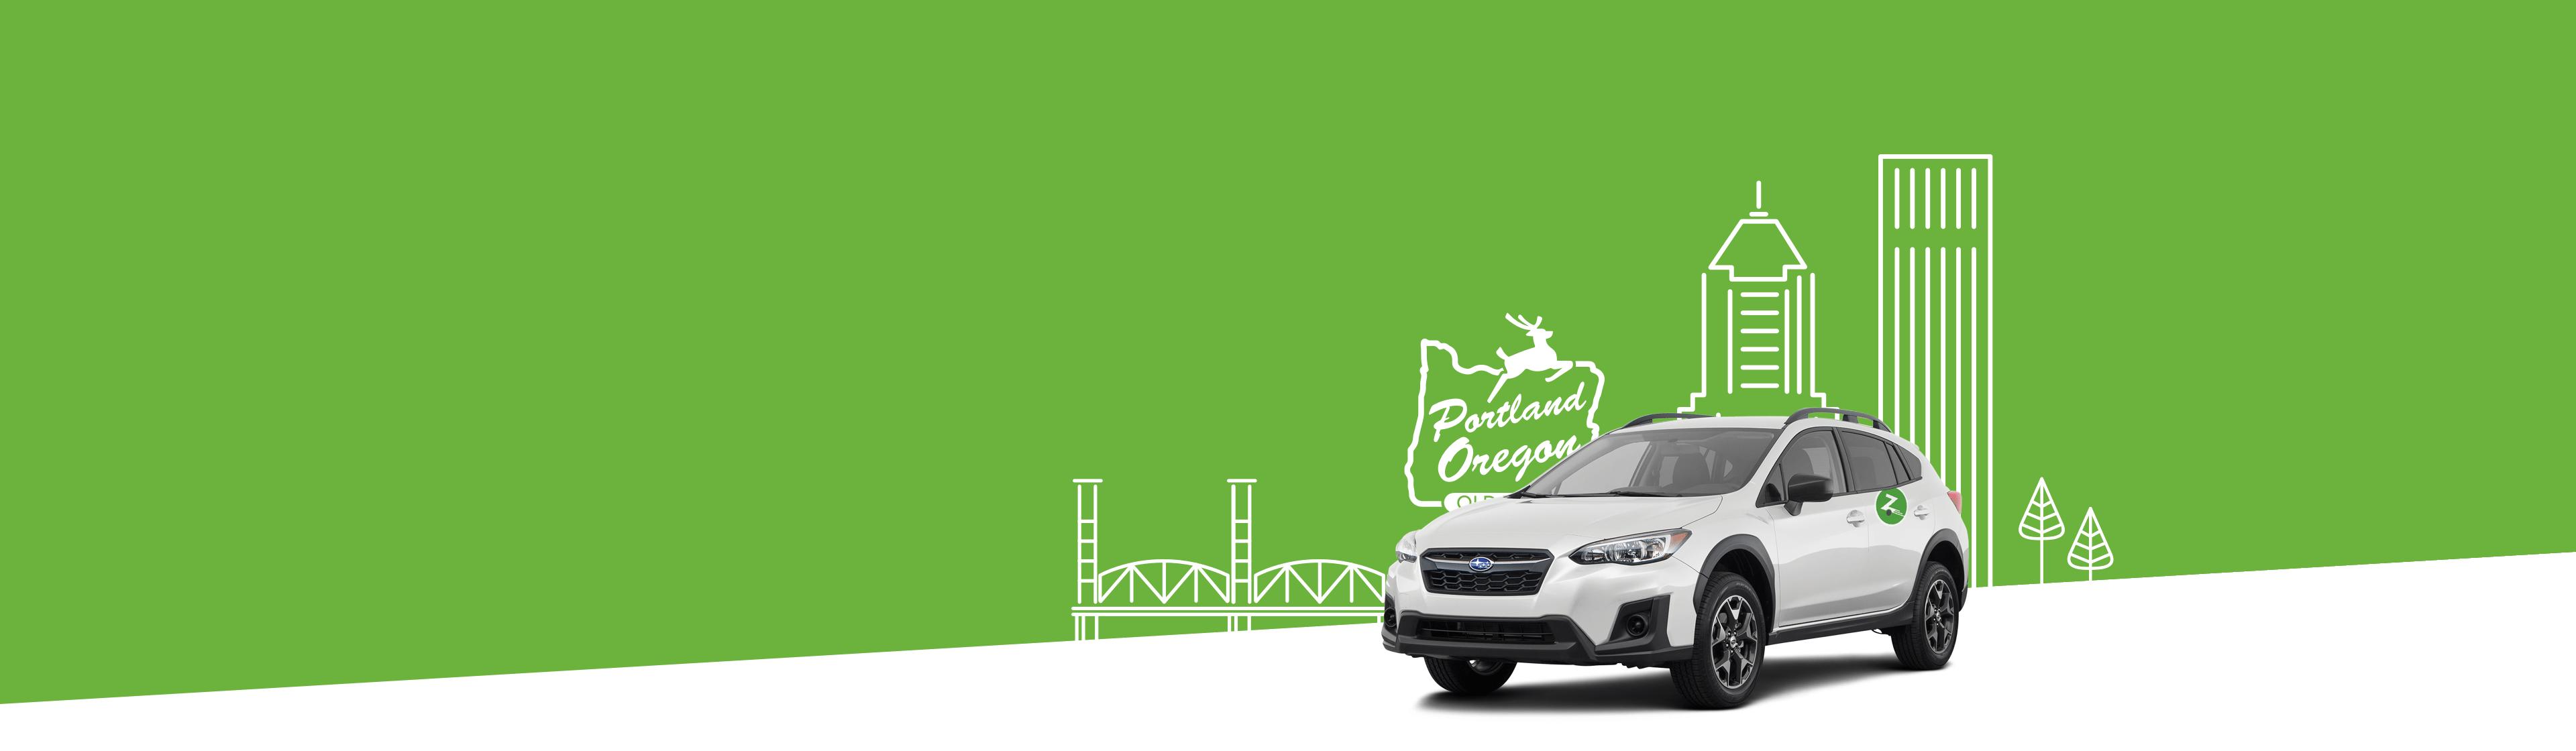 Hourly Car Rental >> Car Sharing Hourly Car Rental In Portland Zipcar